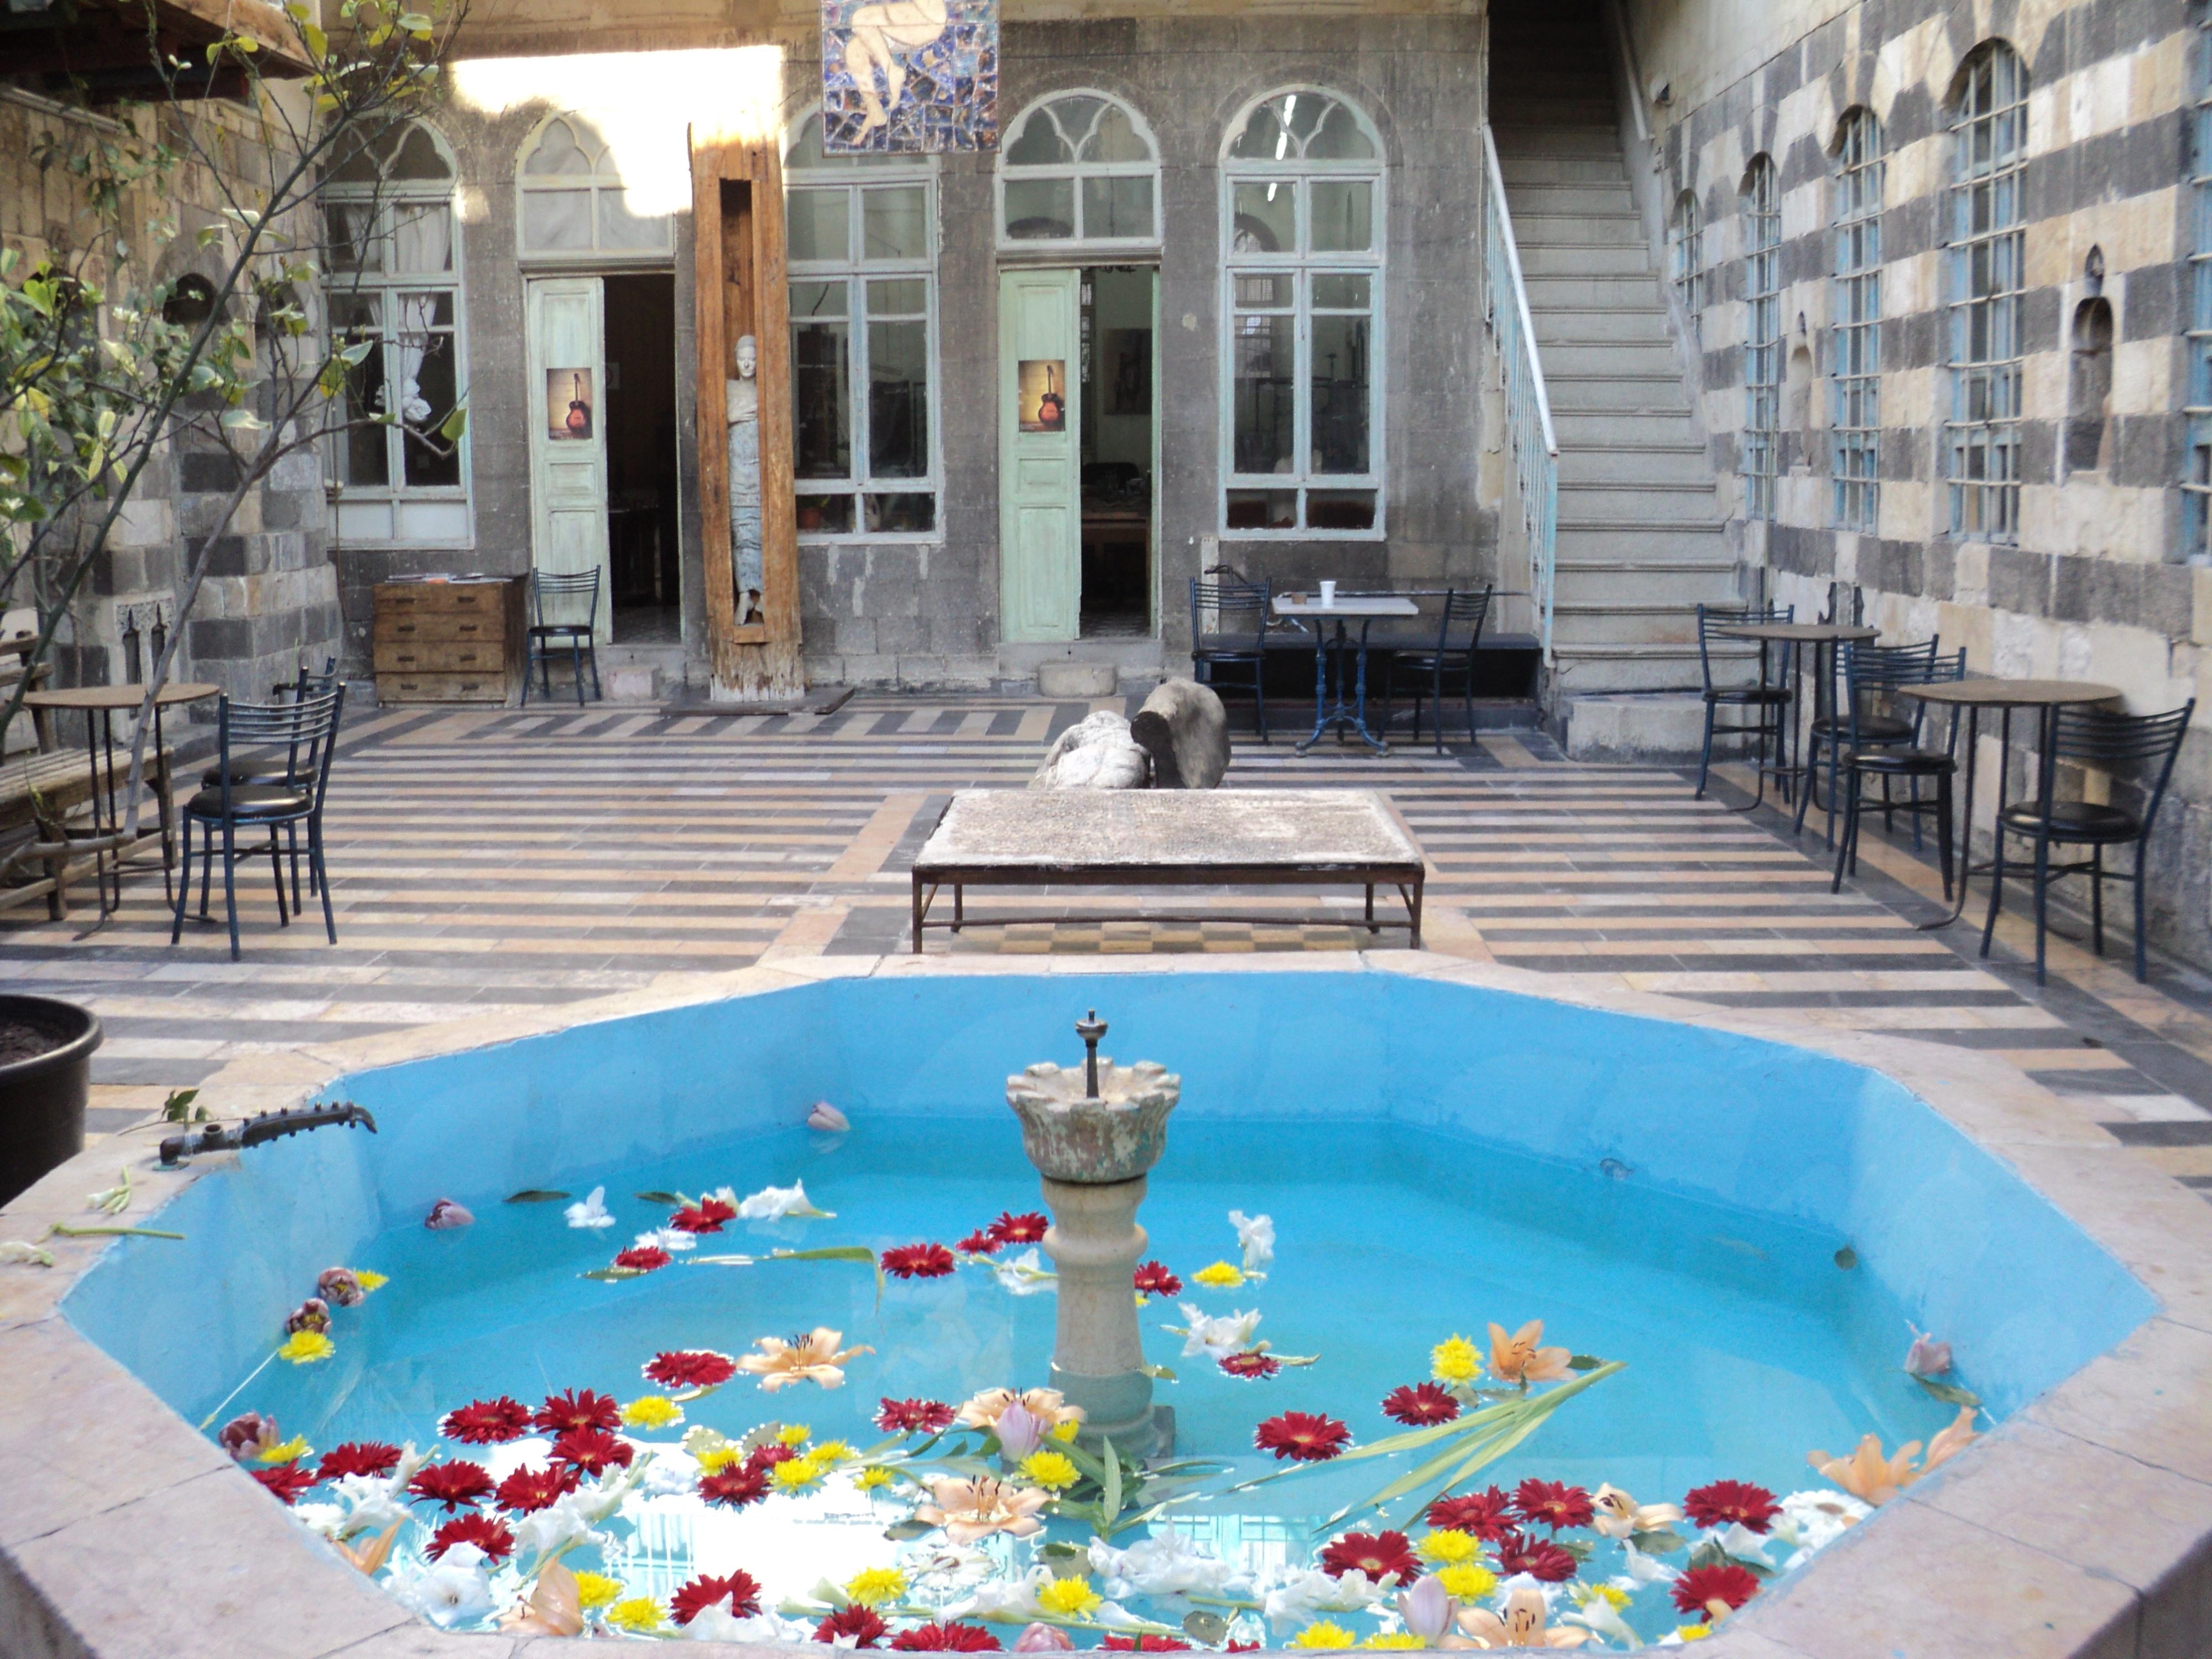 Mustafa Ali's Gallery, Damascus